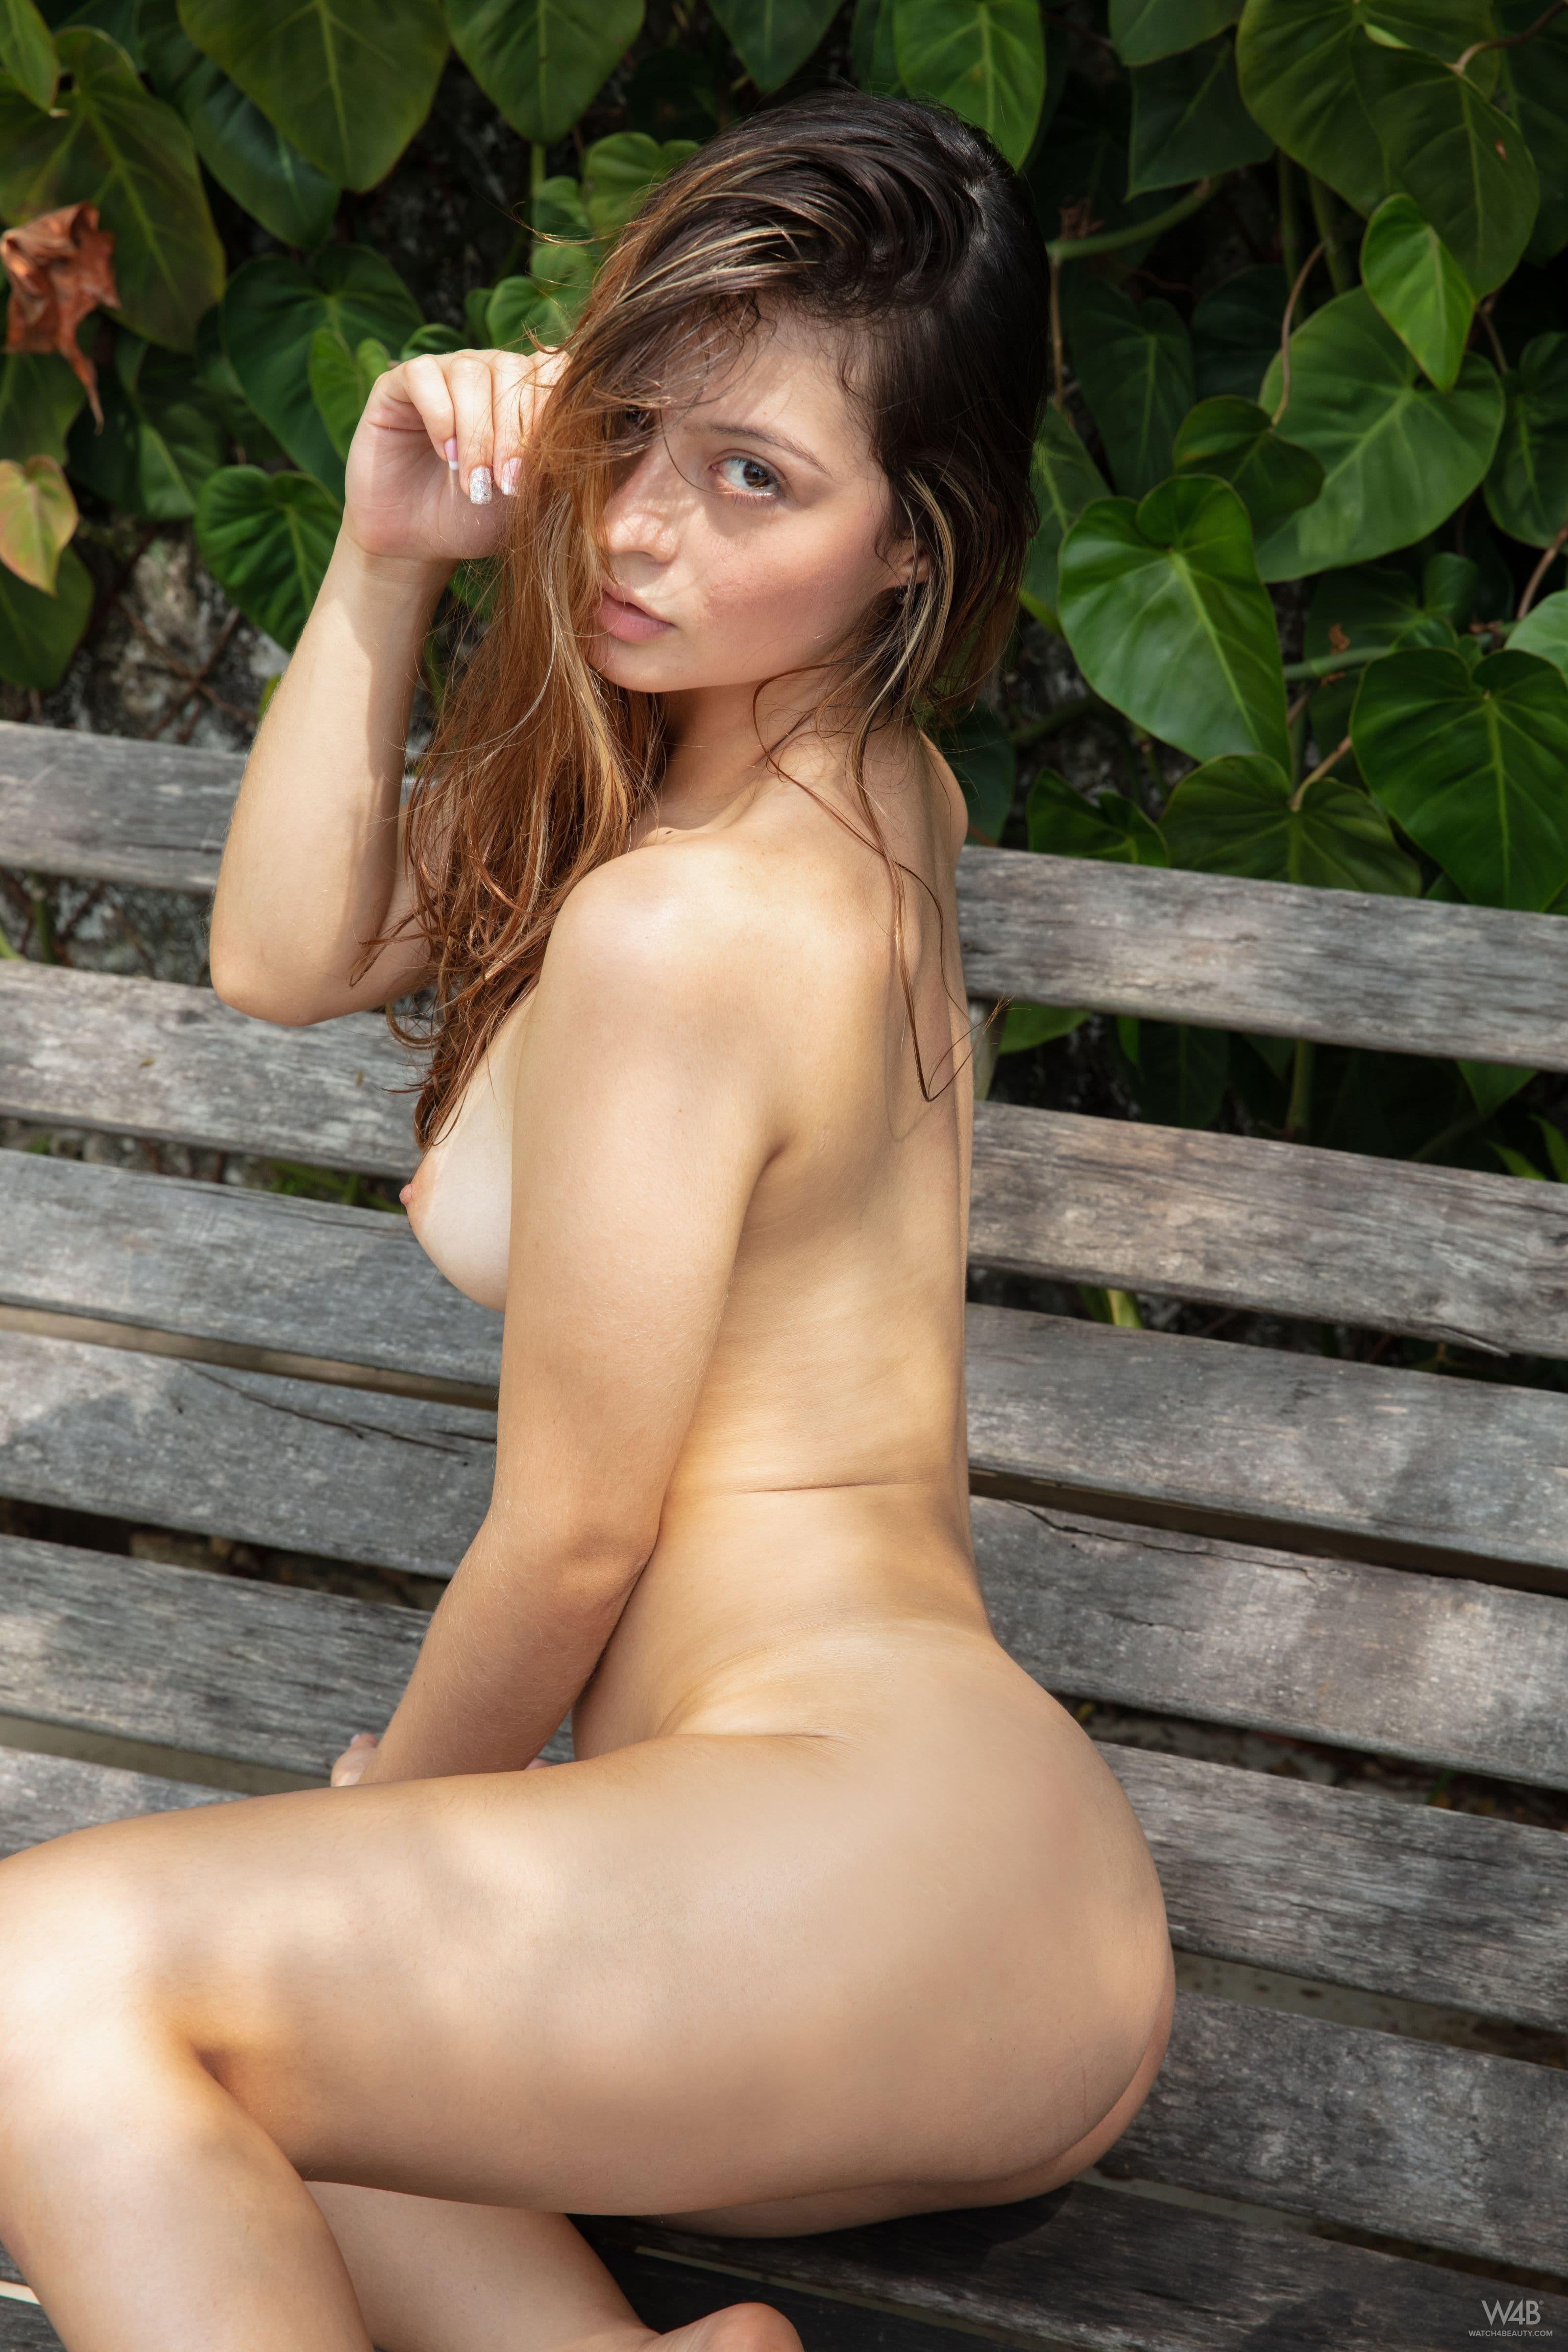 Голая девушка с сексуальной жопой в парке - фото